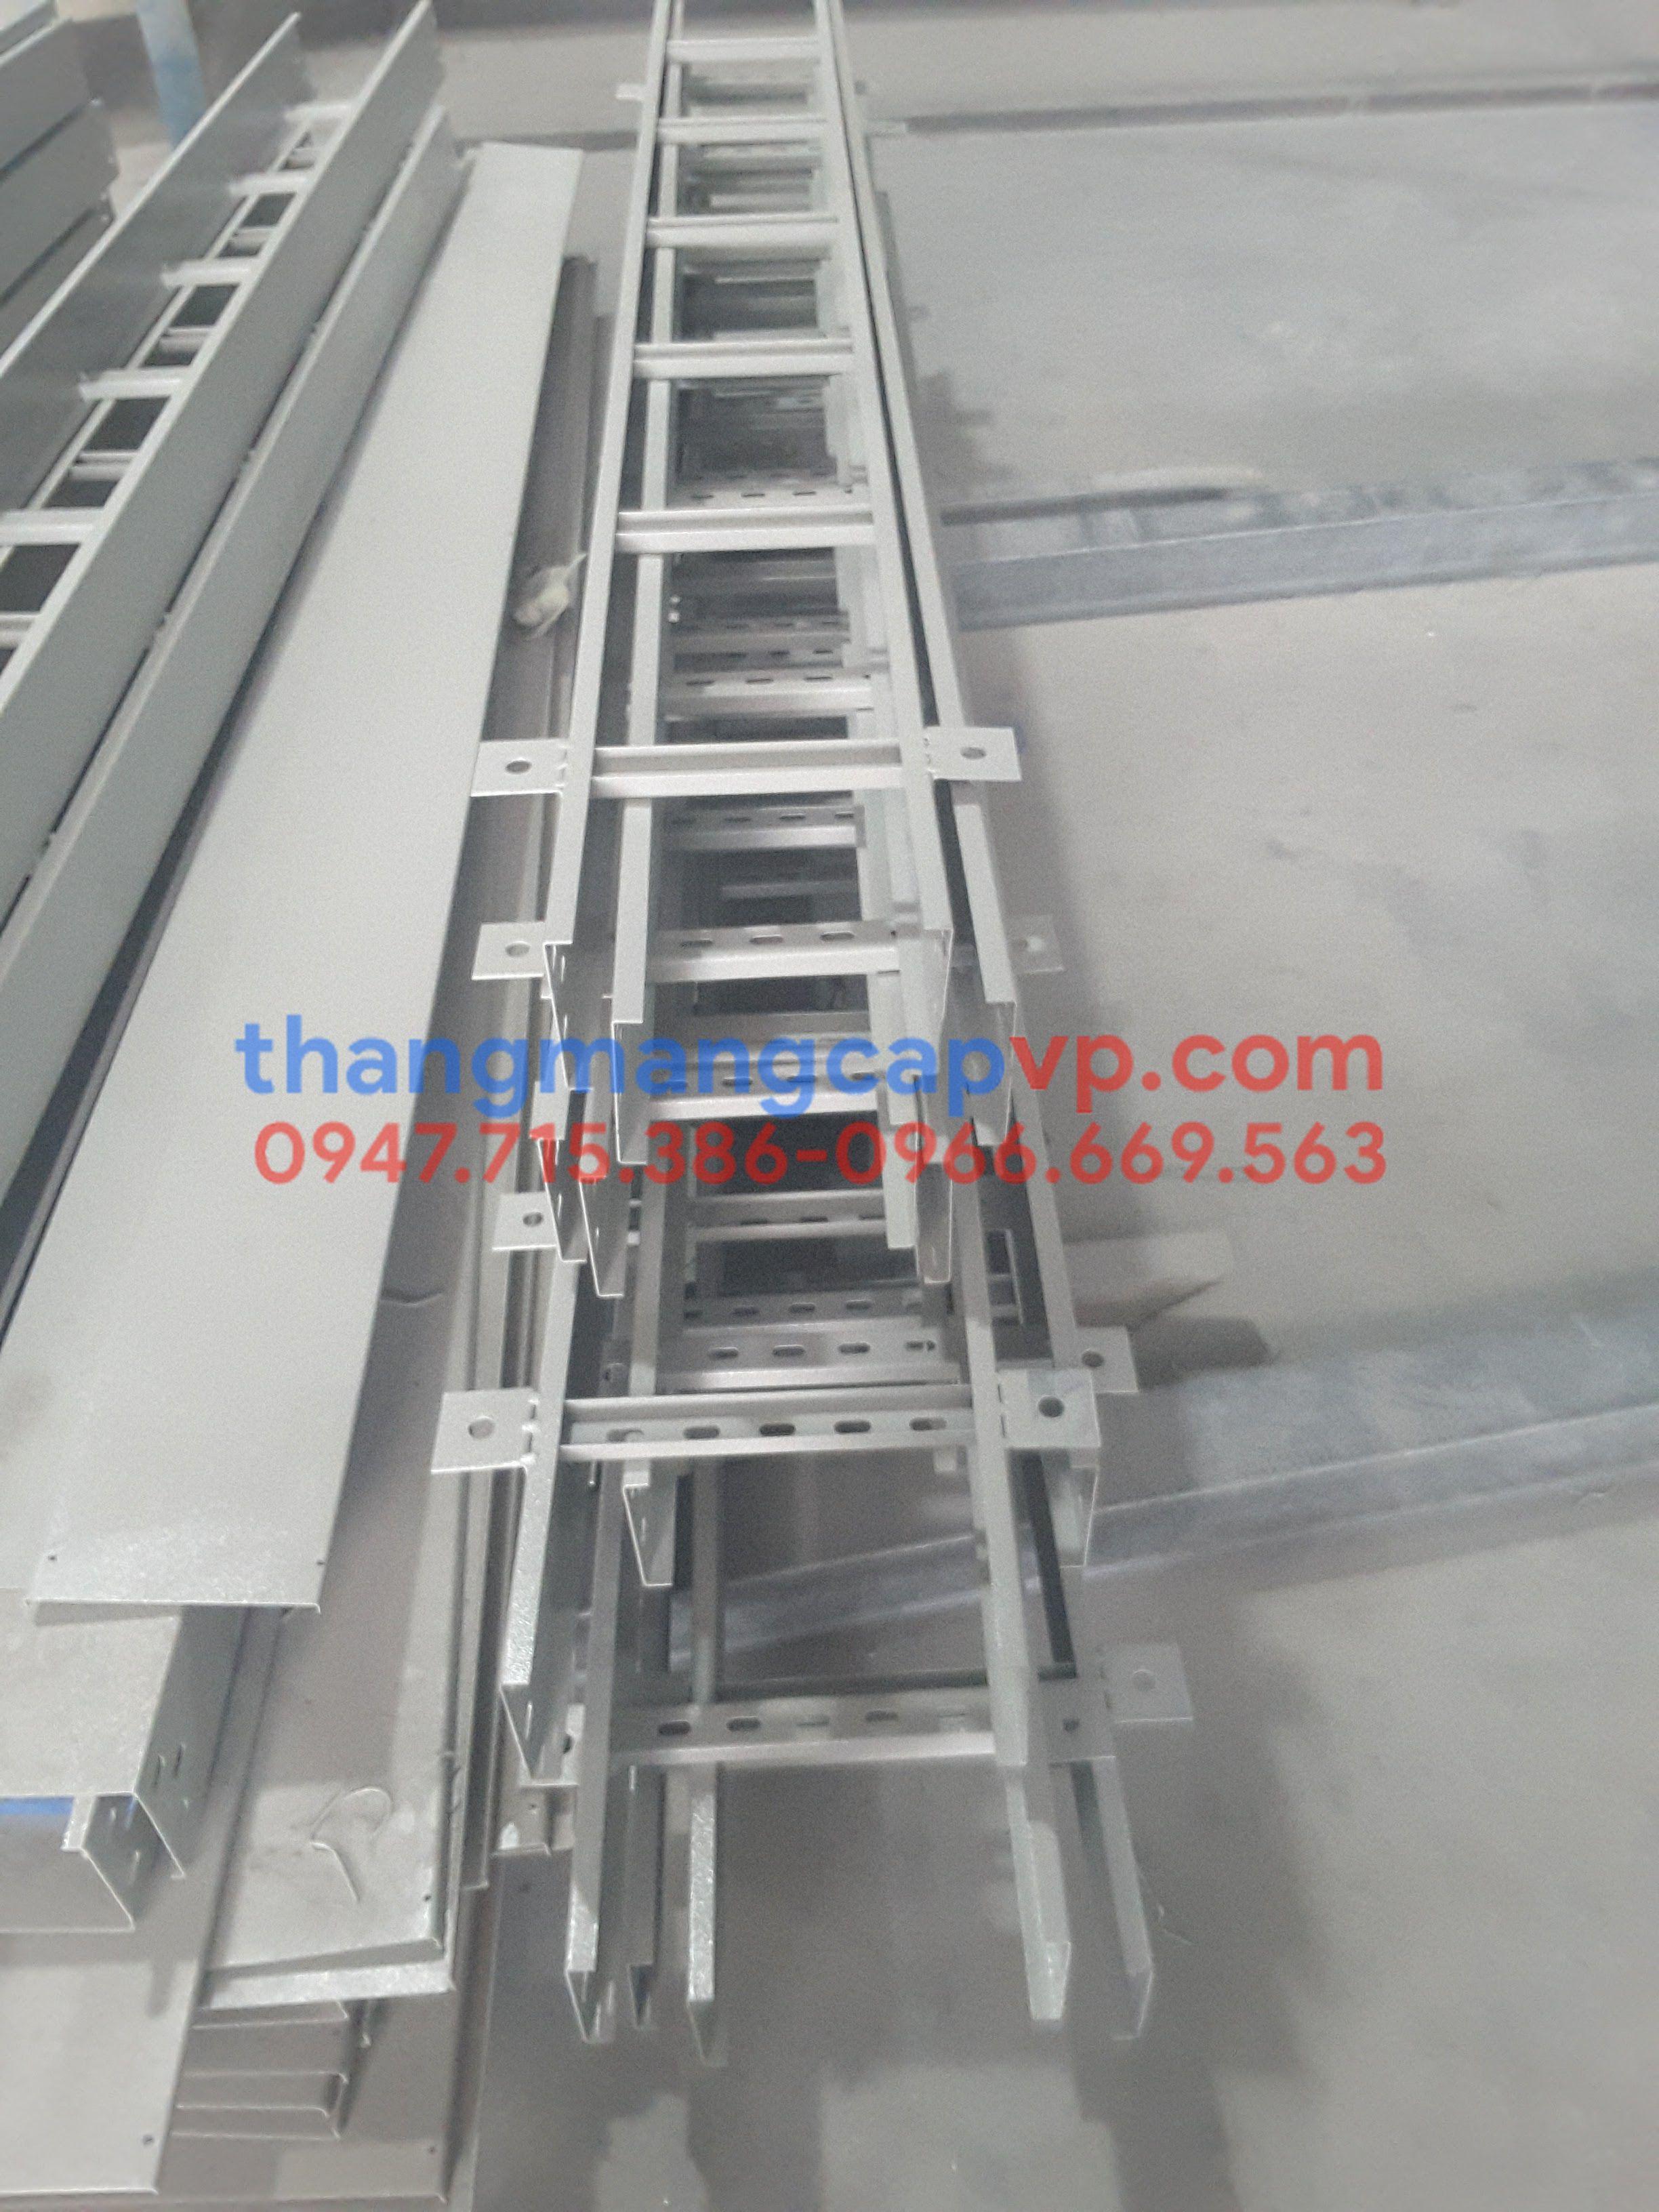 Phân loại các loại thang máng cáp trên thị trường hiện nay